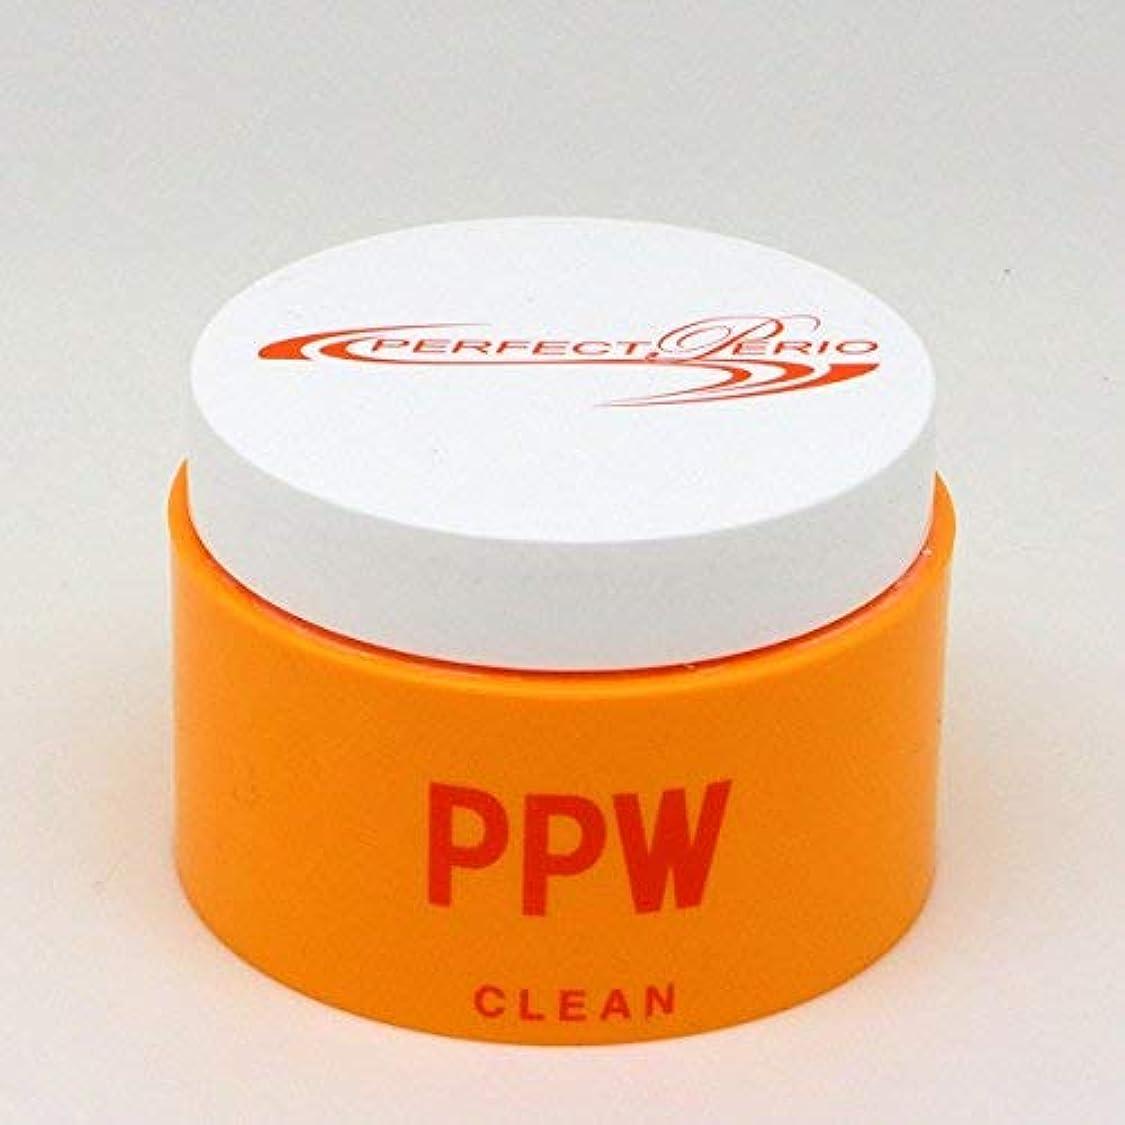 ボウリング口述する電話パーフェクトペリオクリーン 歯磨き粉